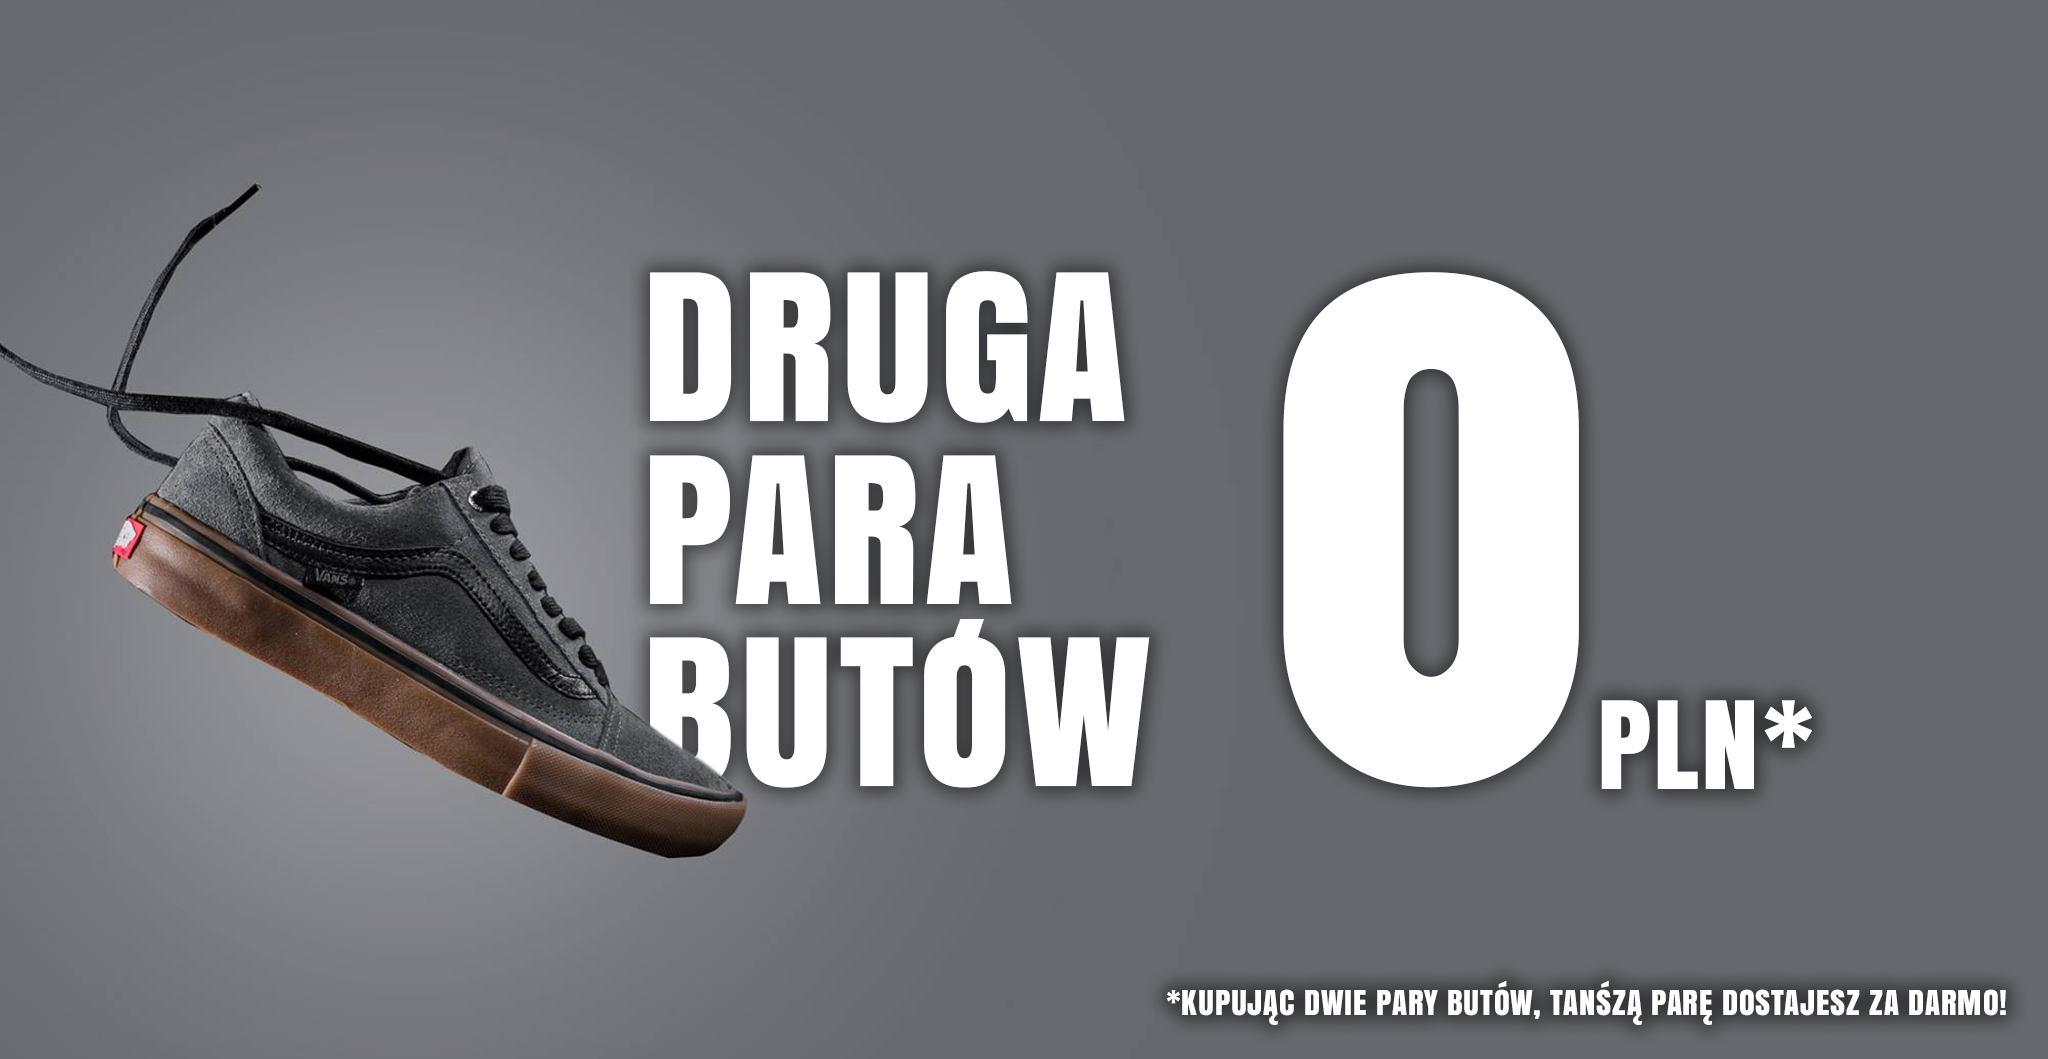 Promocja: druga para butów gratis!